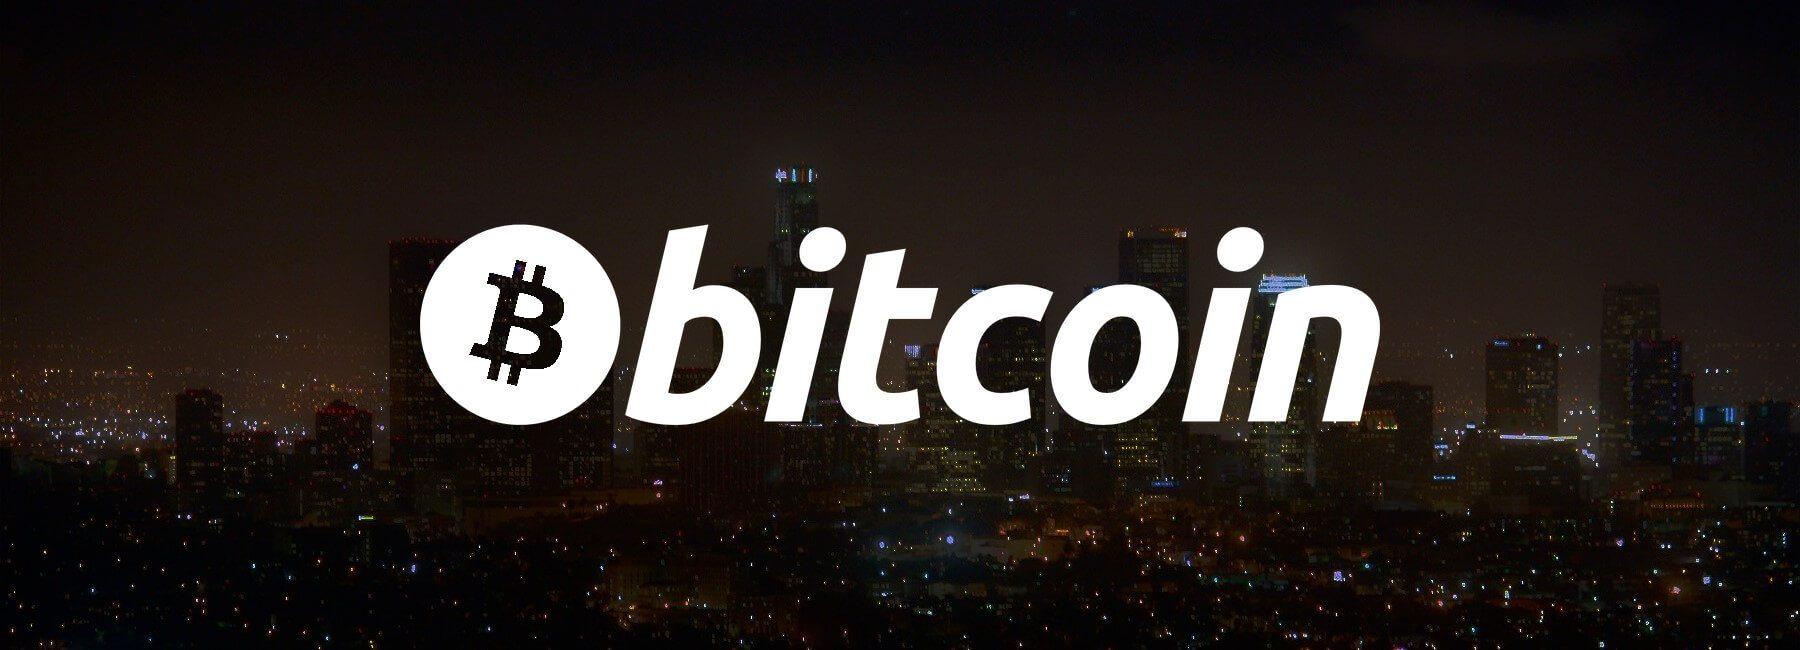 Đây là lý do tại sao giá Bitcoin giảm, và những gì bạn nên làm về nó